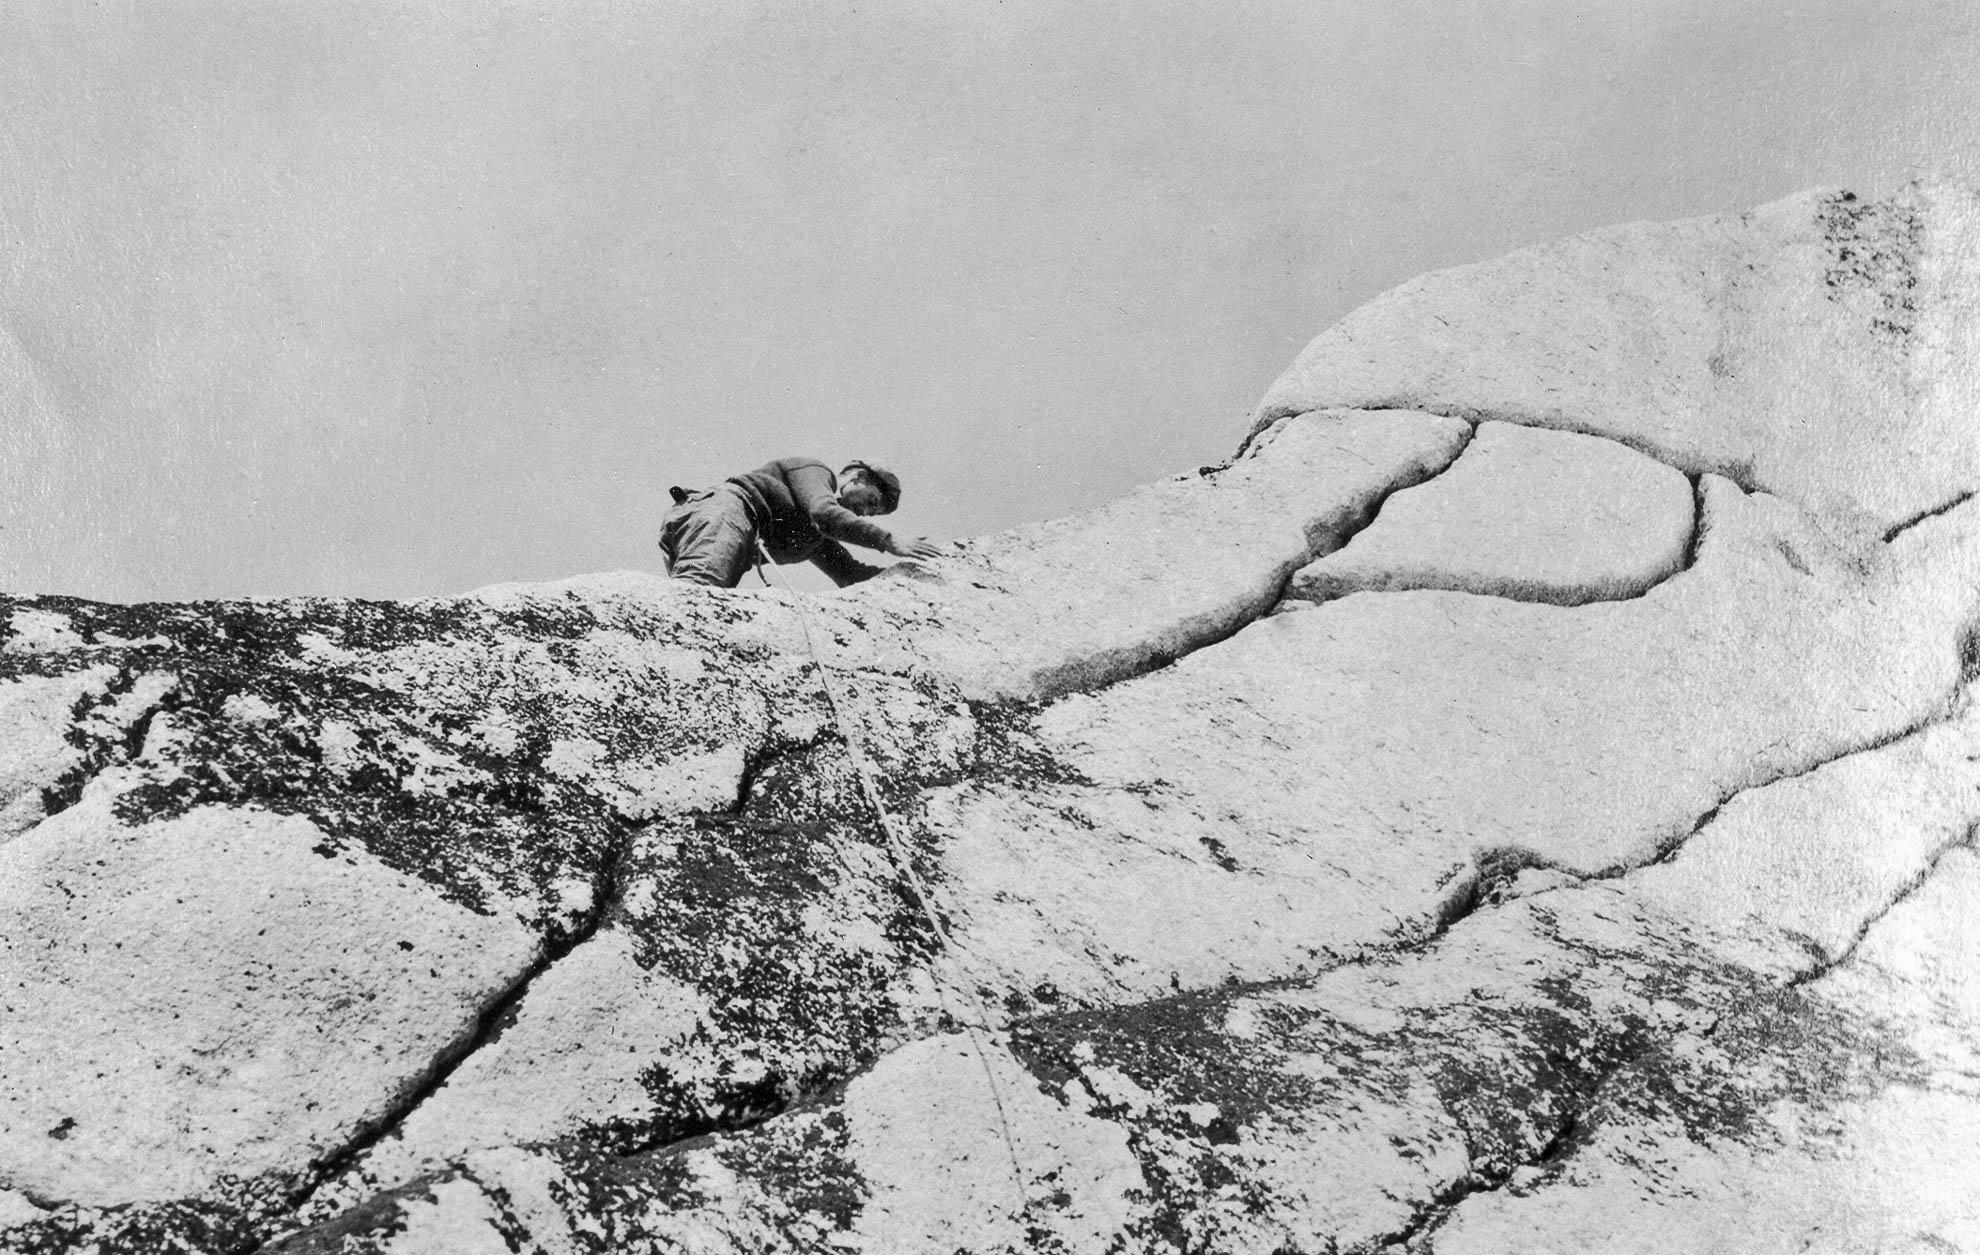 Conraid Kain climbing Bugaboo Spire